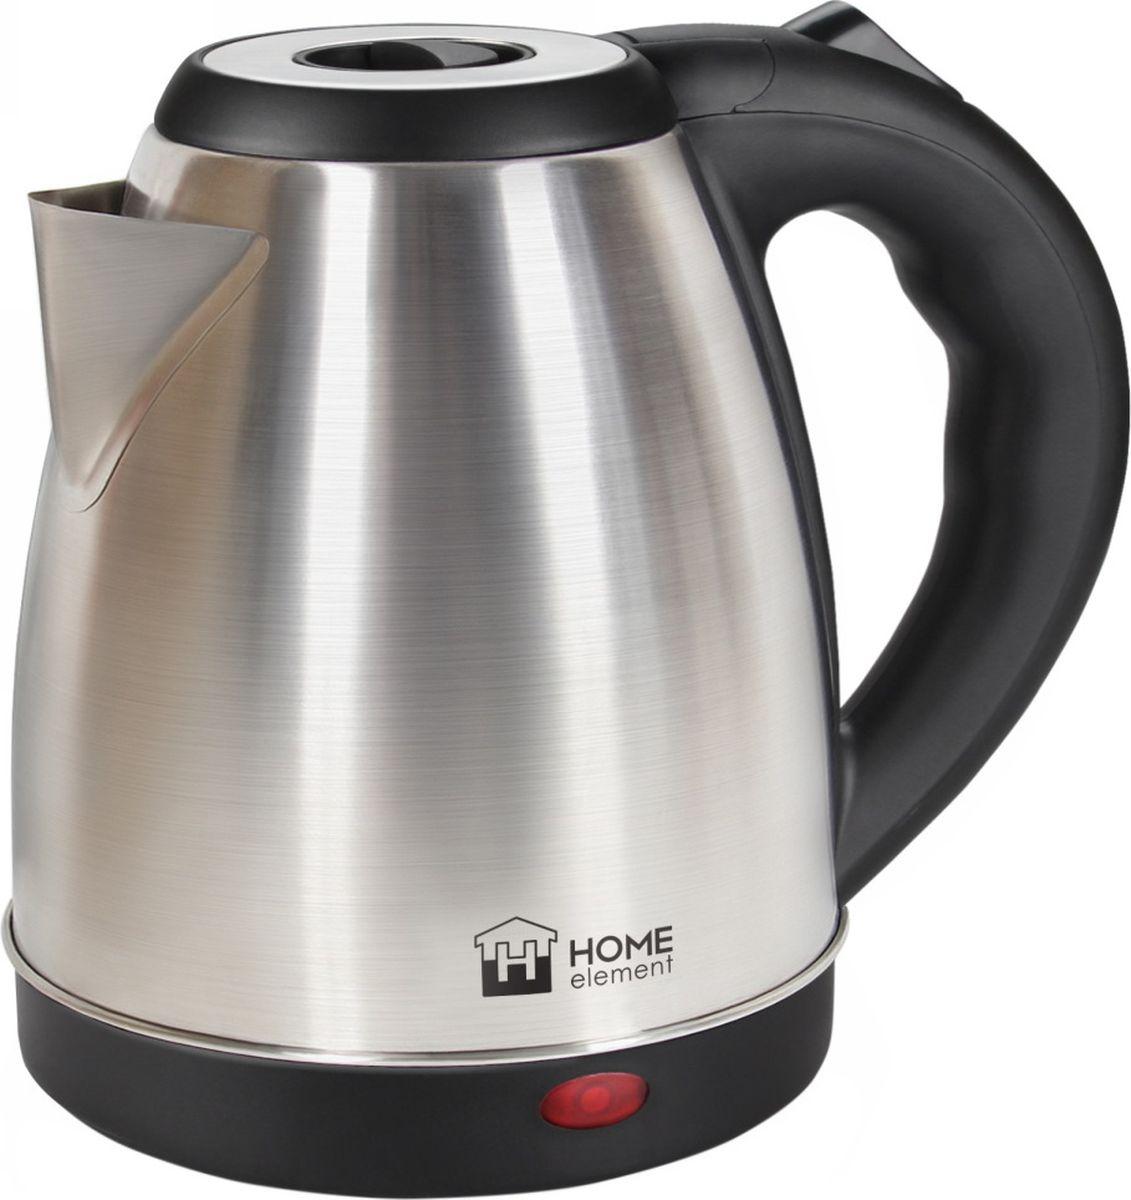 Home Element HE-KT176, Black Steel чайник электрическийHE-KT1761800W 1,7л сталь автоотключение при закипании/отсутствии воды световой индикатор работы